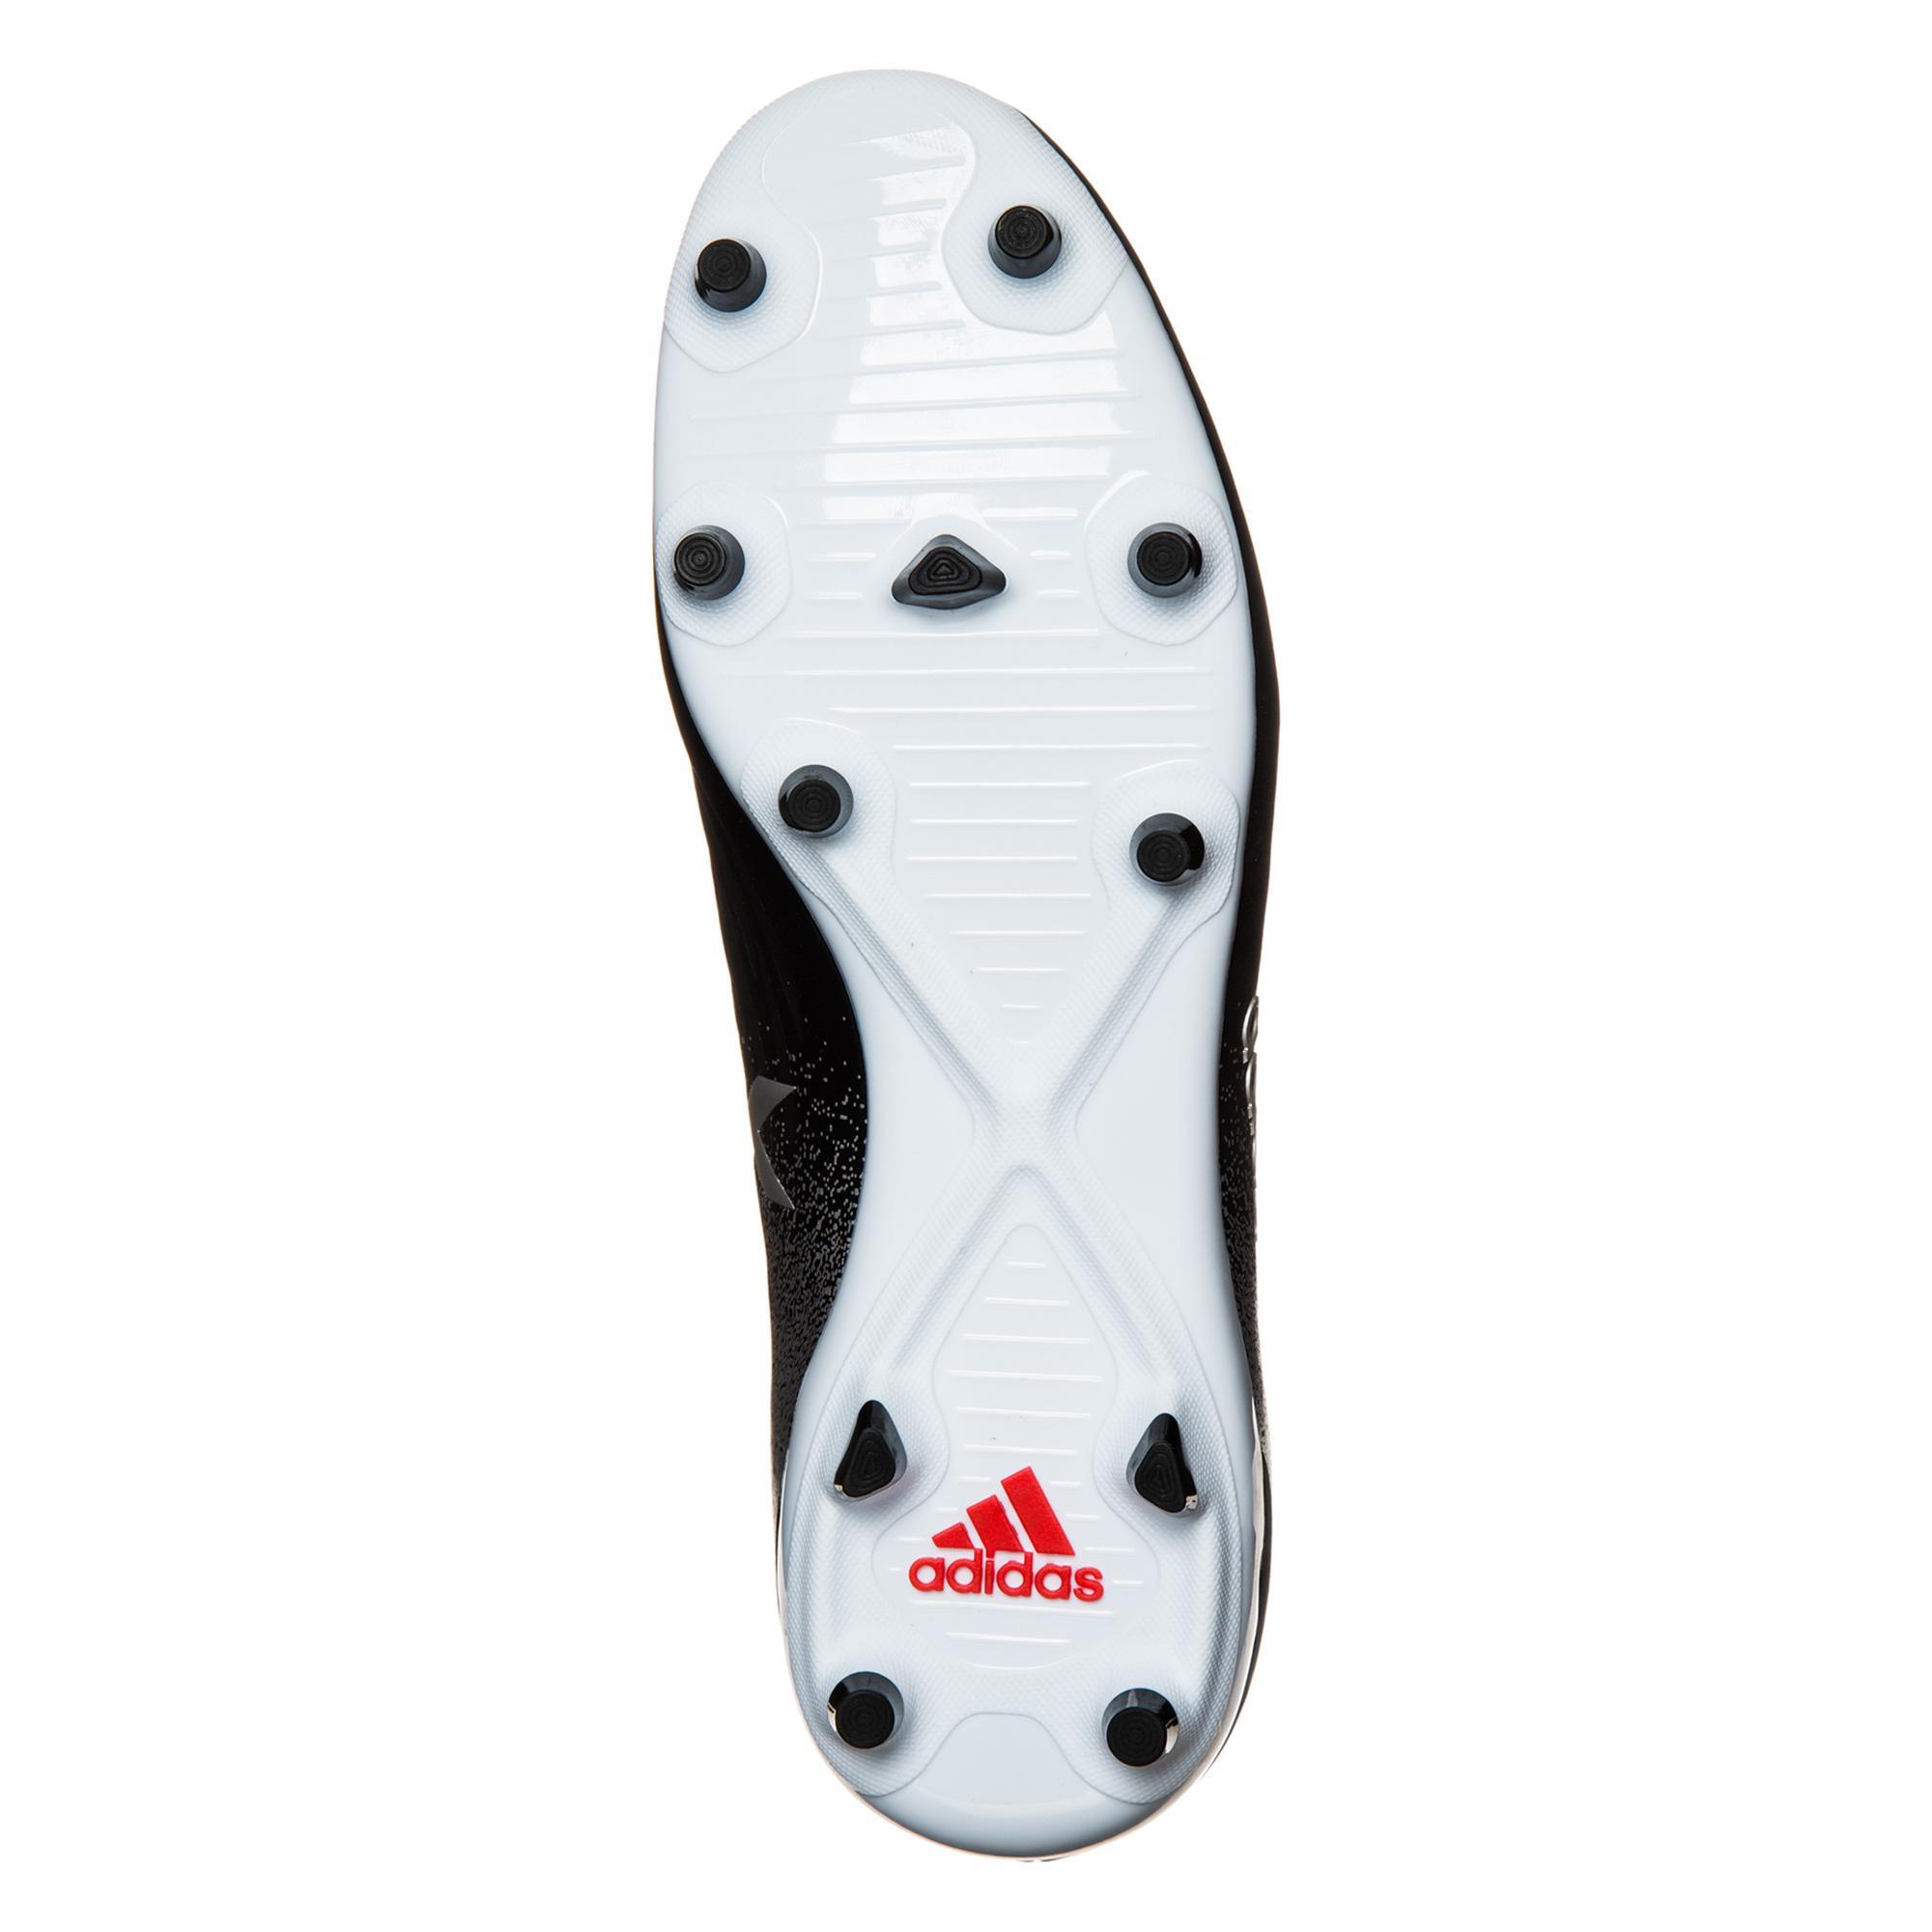 Adidas X 17.2 Fußballschuhe Damen Damen Damen schwarz / silber im Online Shop von SportScheck kaufen Gute Qualität beliebte Schuhe 619d90